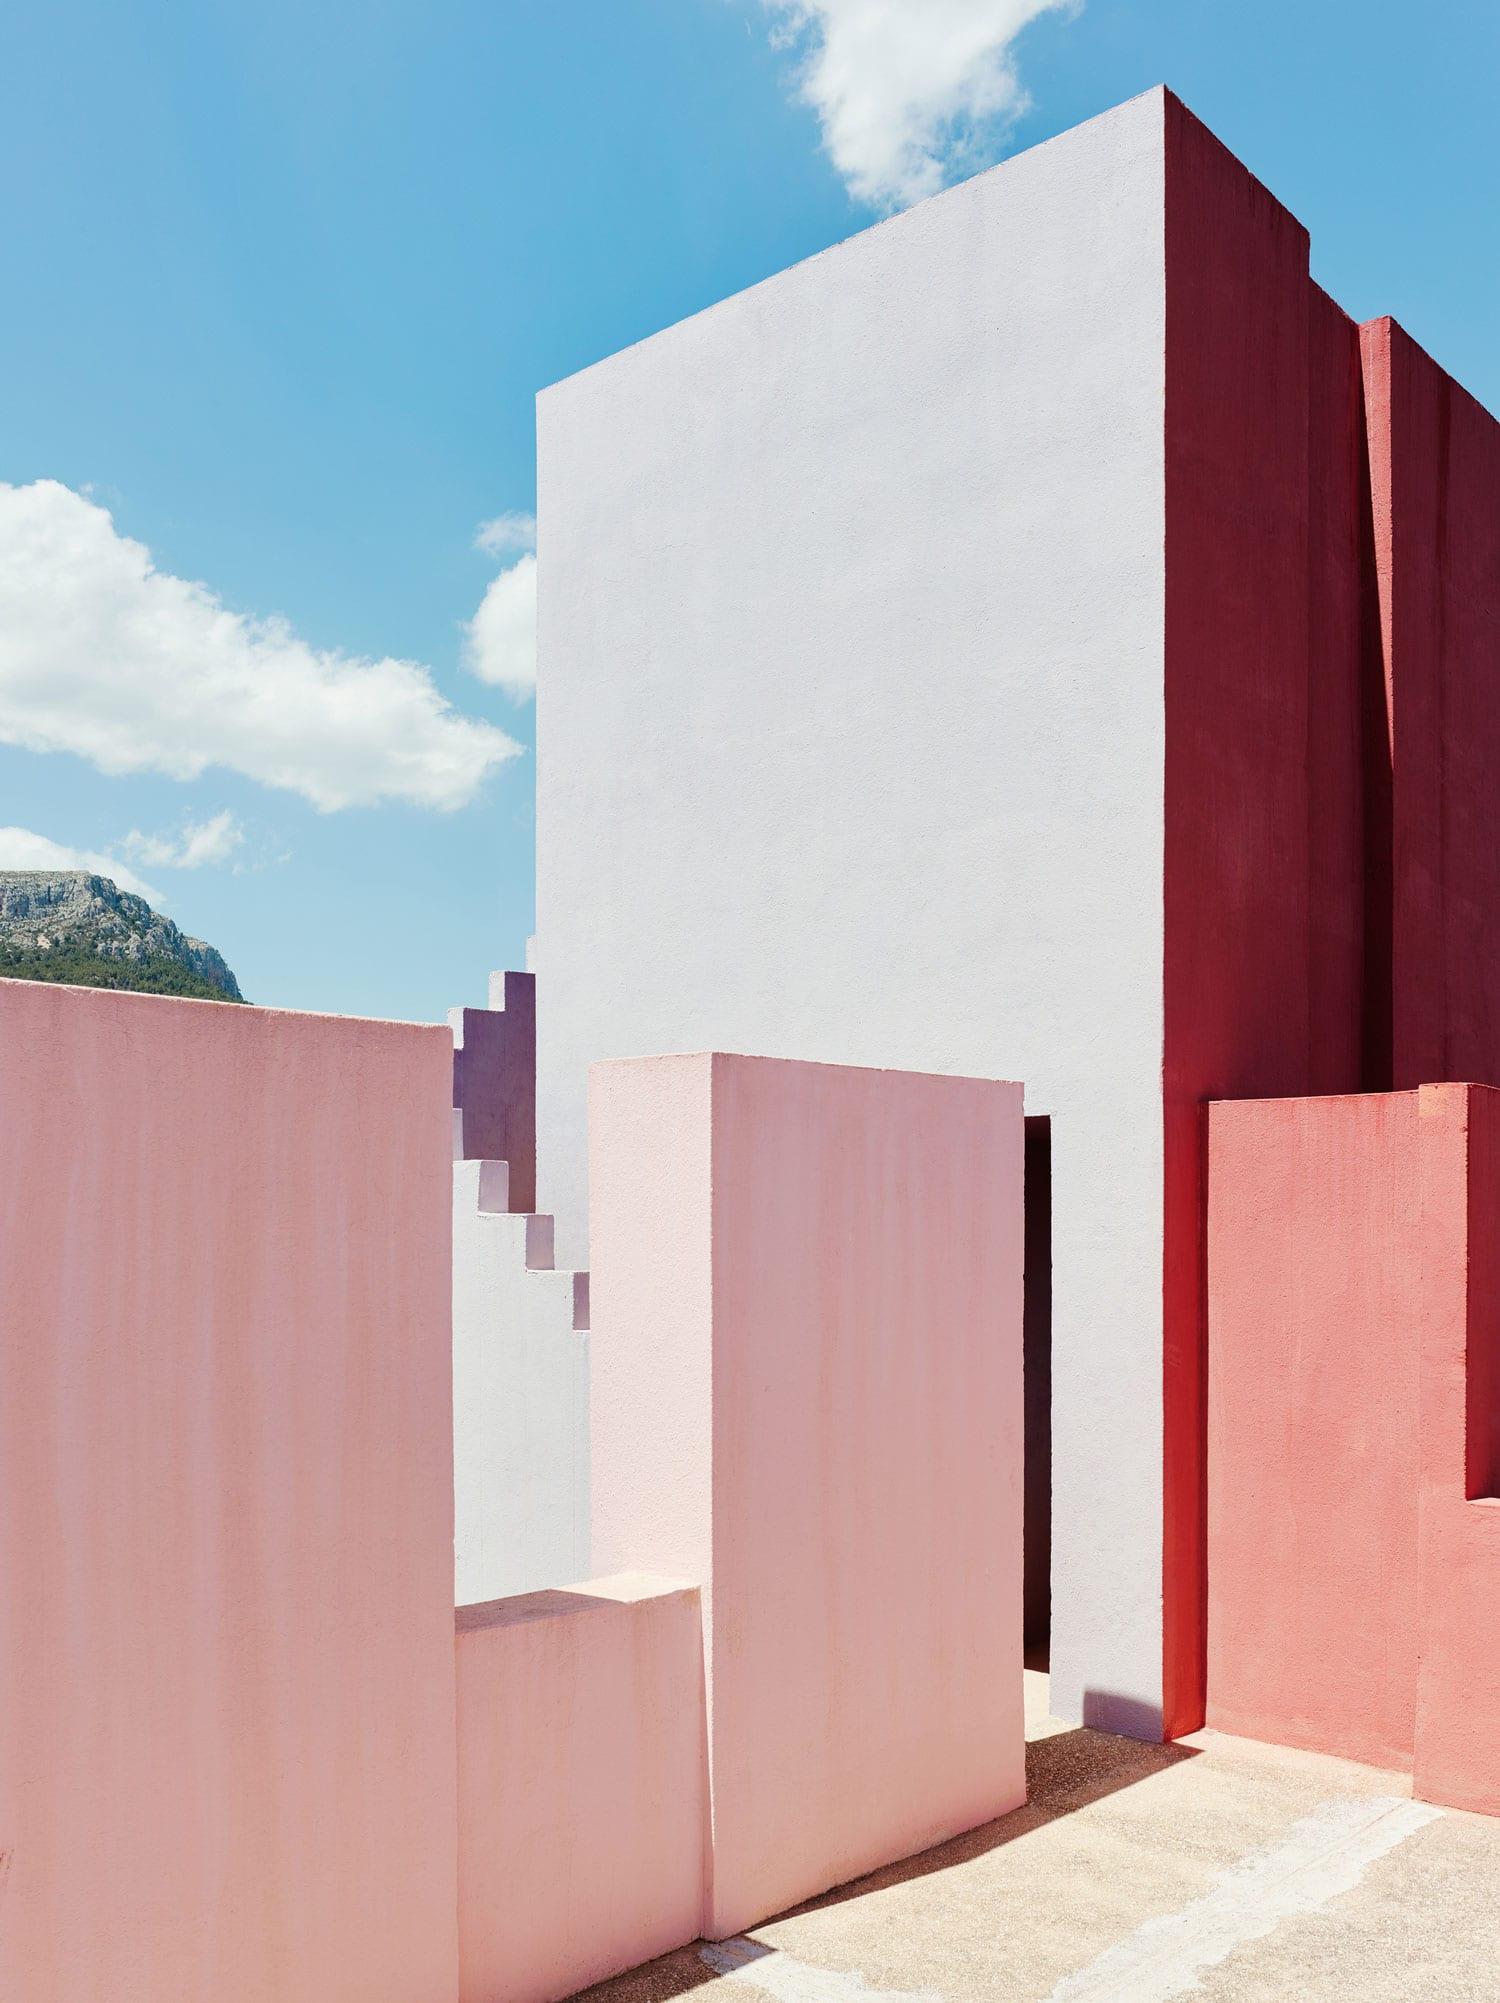 Yellowtrace Spotlight Australian Design News March 2014: Ricardo Bofill's La Muralla Roja Housing Project In Spain